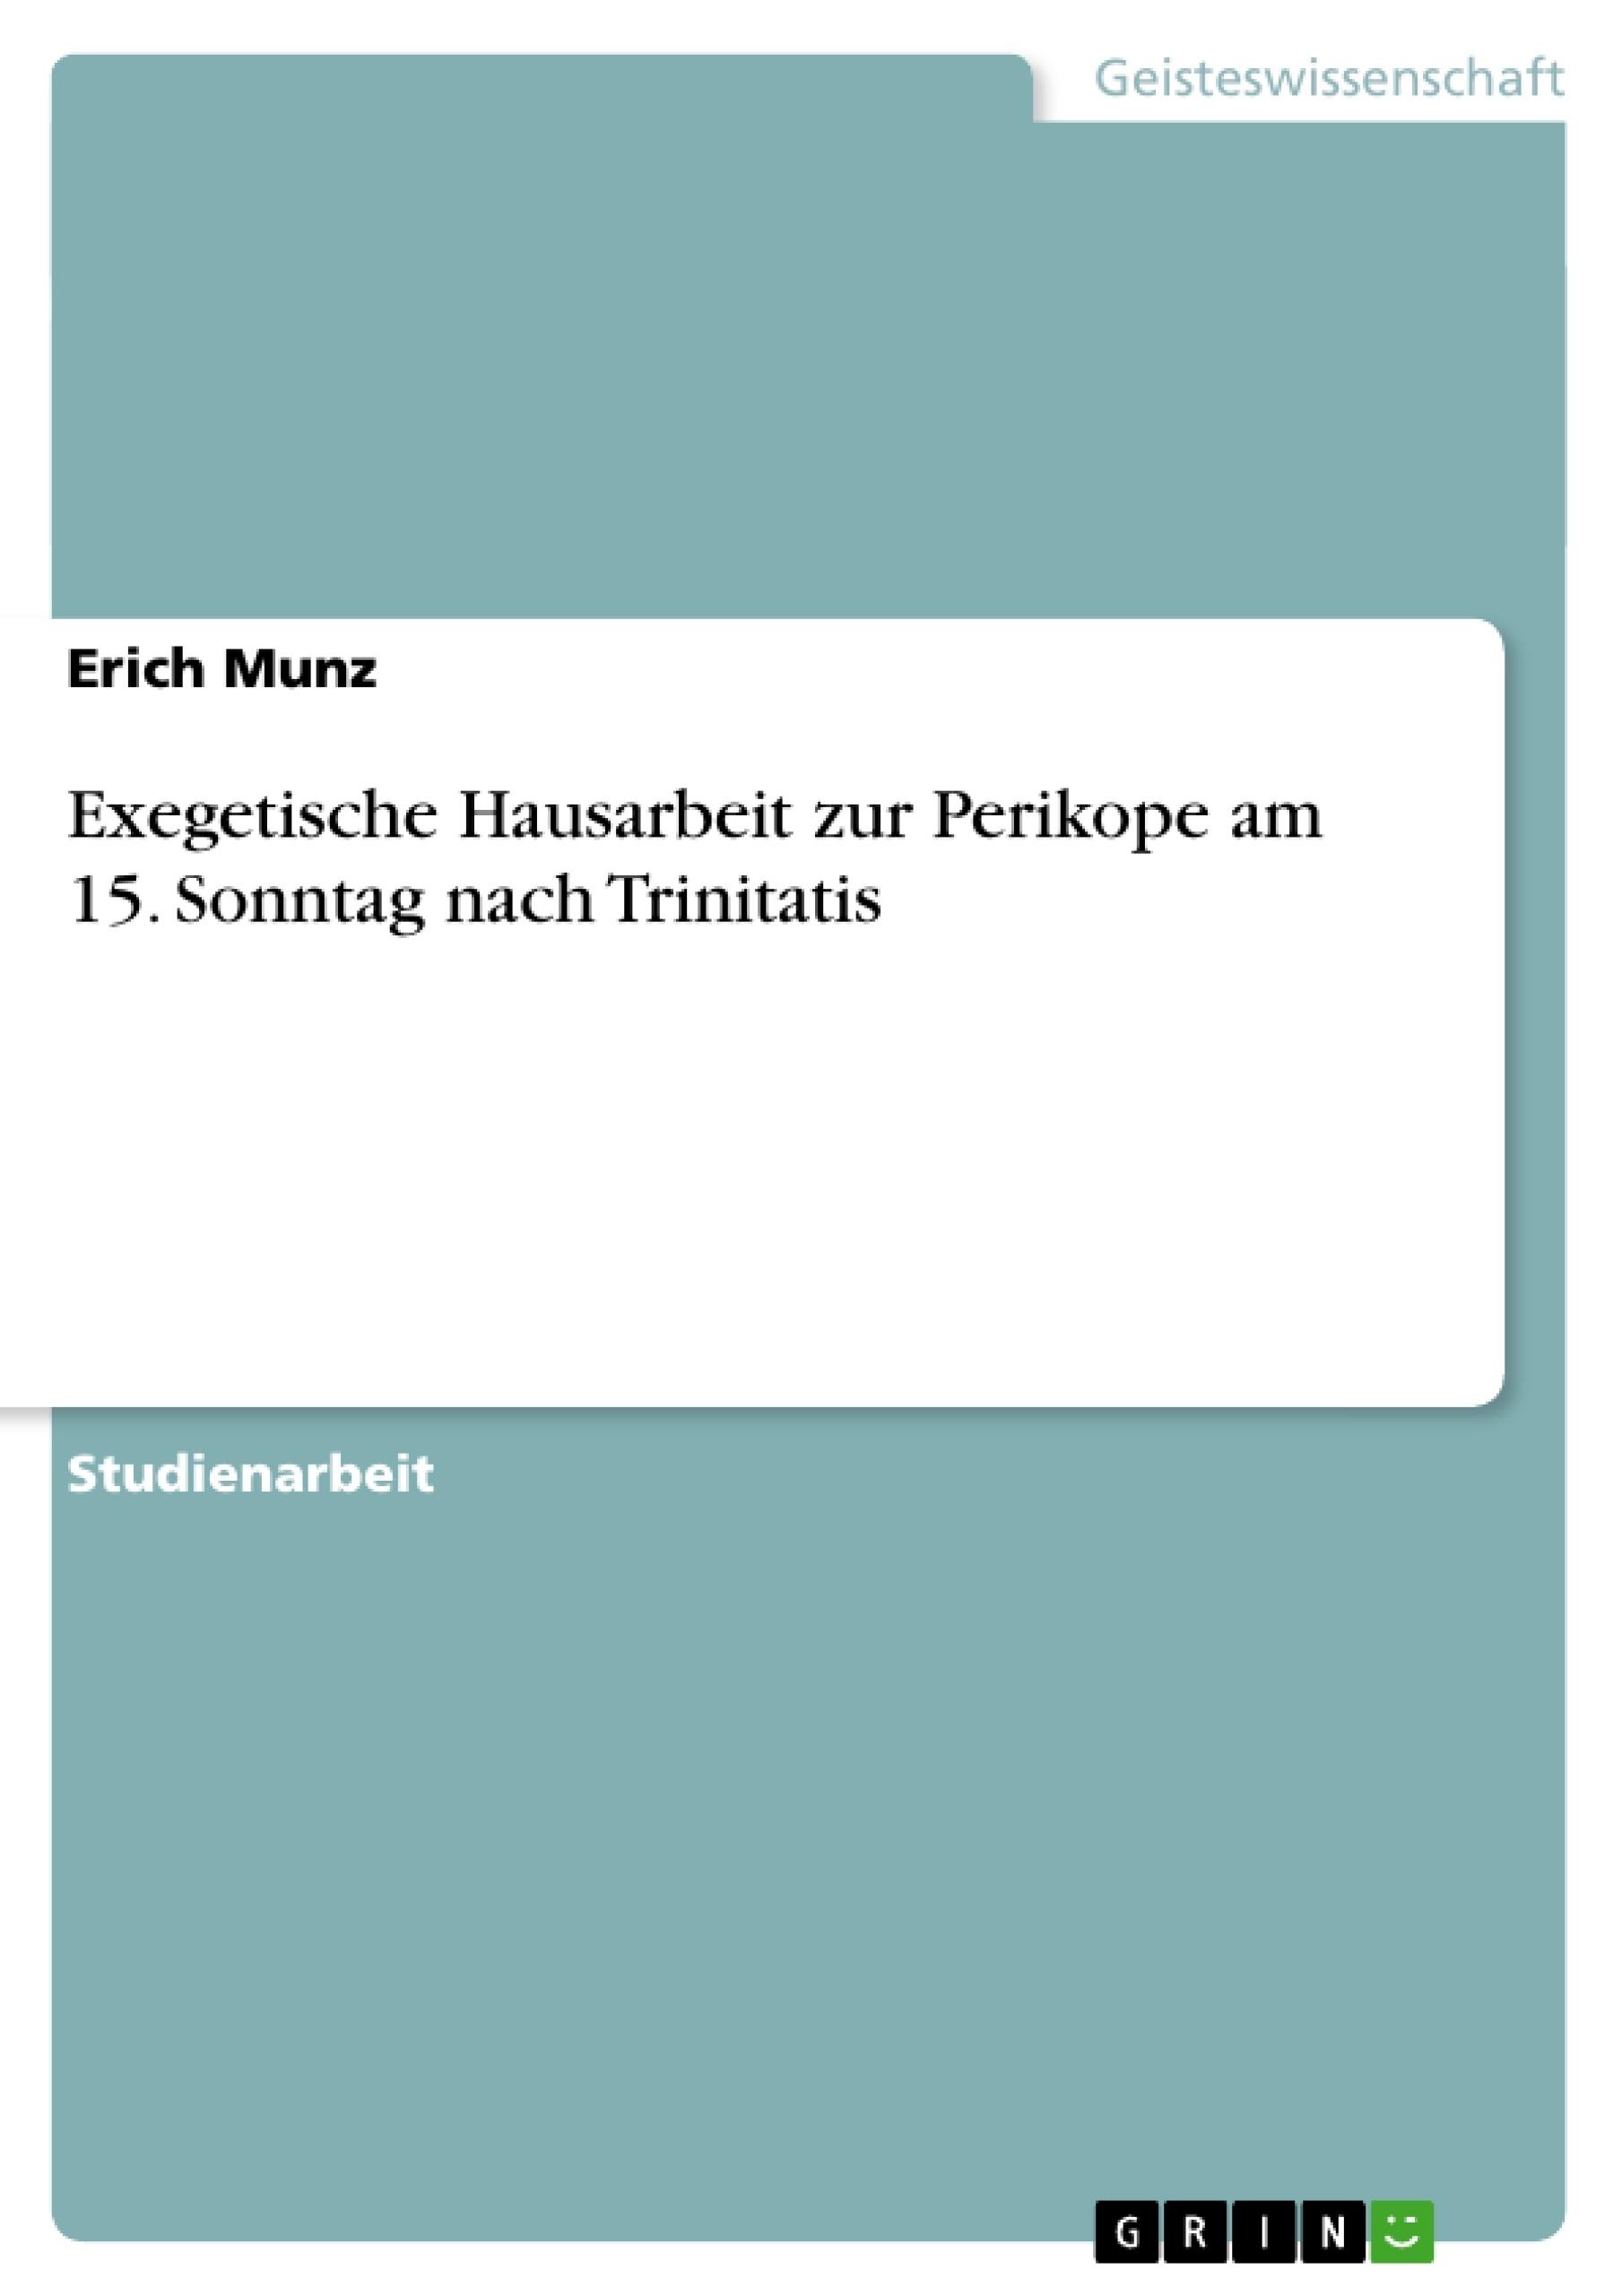 Titel: Exegetische Hausarbeit zur Perikope am 15. Sonntag nach Trinitatis